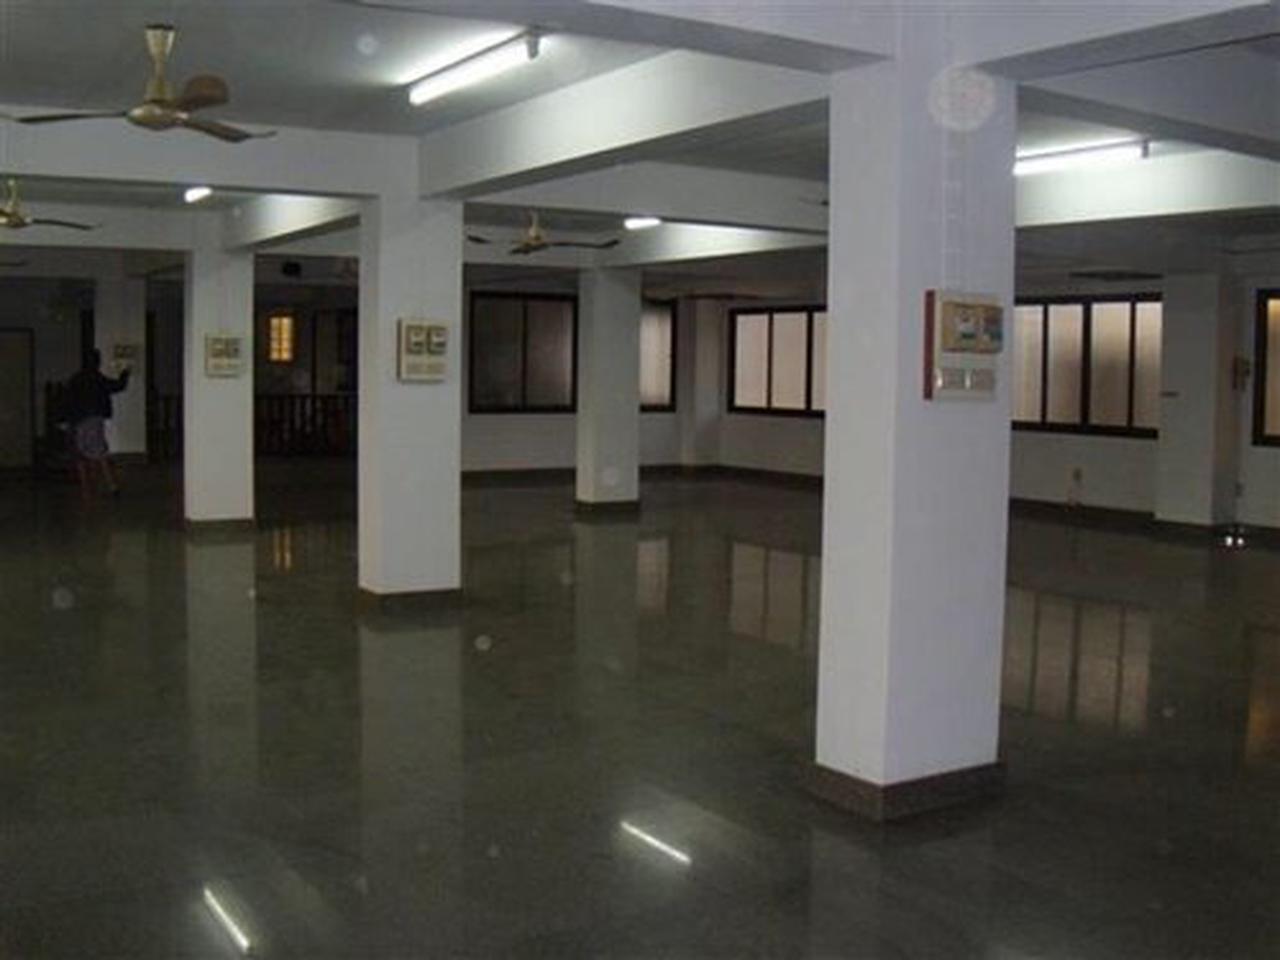 ขายอาคารพาณิชย์ 6 ชั้น อยู่ในซอยกรุงธนบุรี 6  เนื้อที่ 234.8 รูปที่ 2